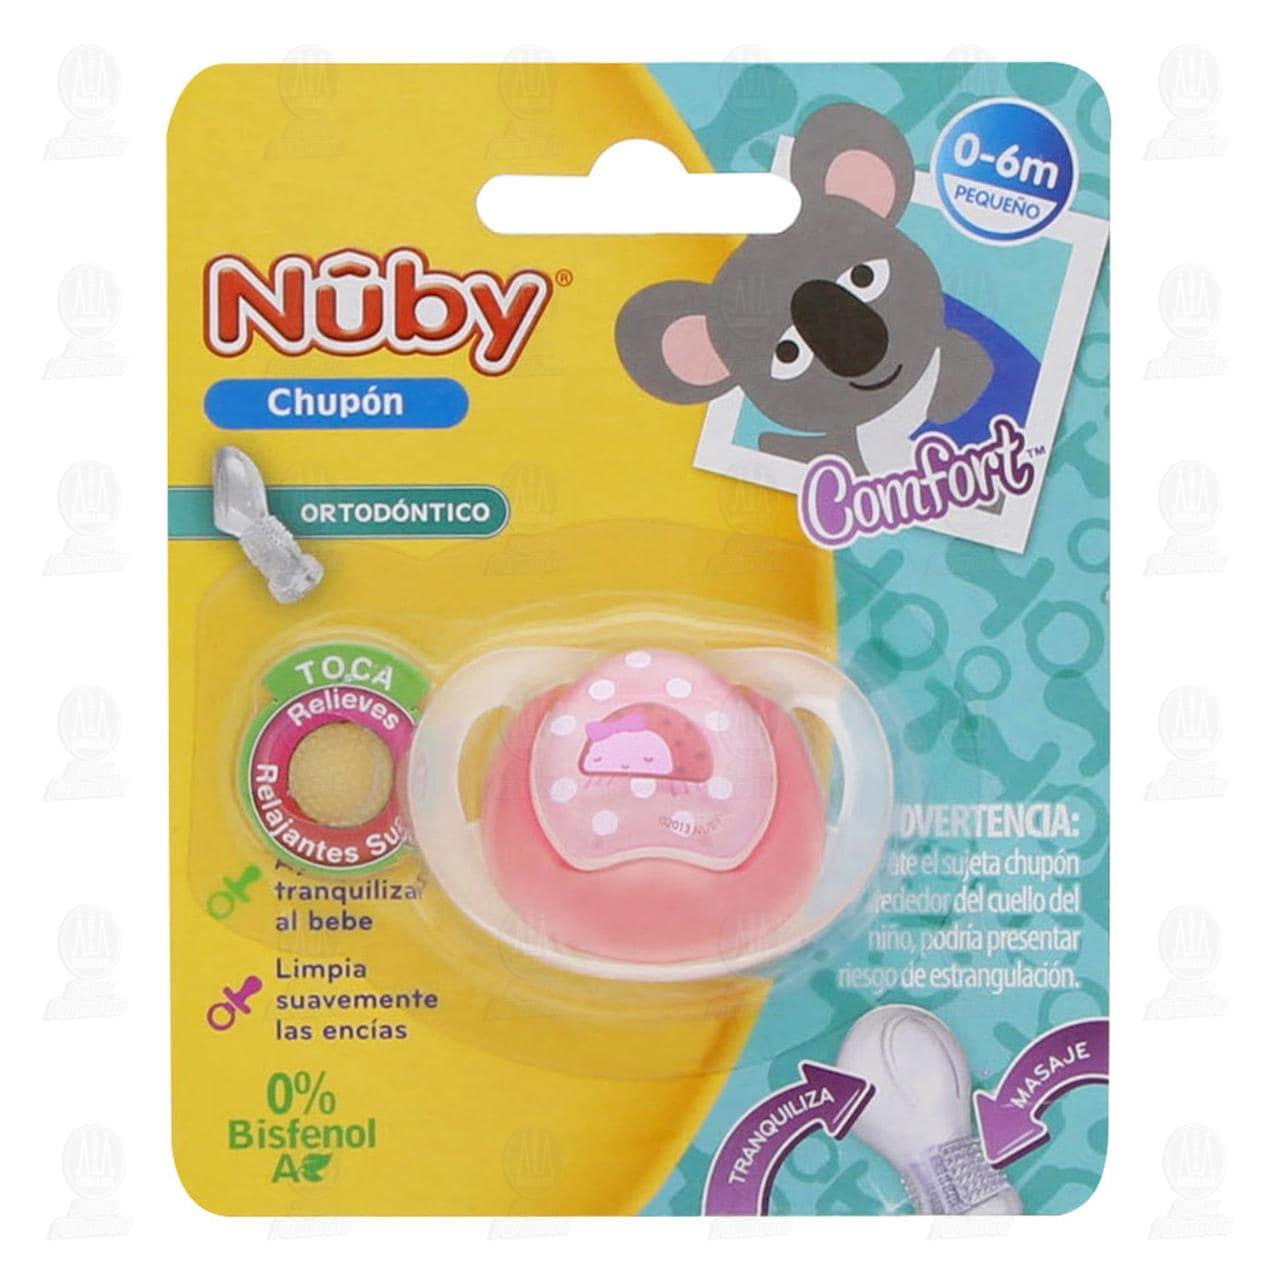 Comprar Chupón para Bebé Nuby Ortodóntico de 0-6 Meses, 1 pz. en Farmacias Guadalajara